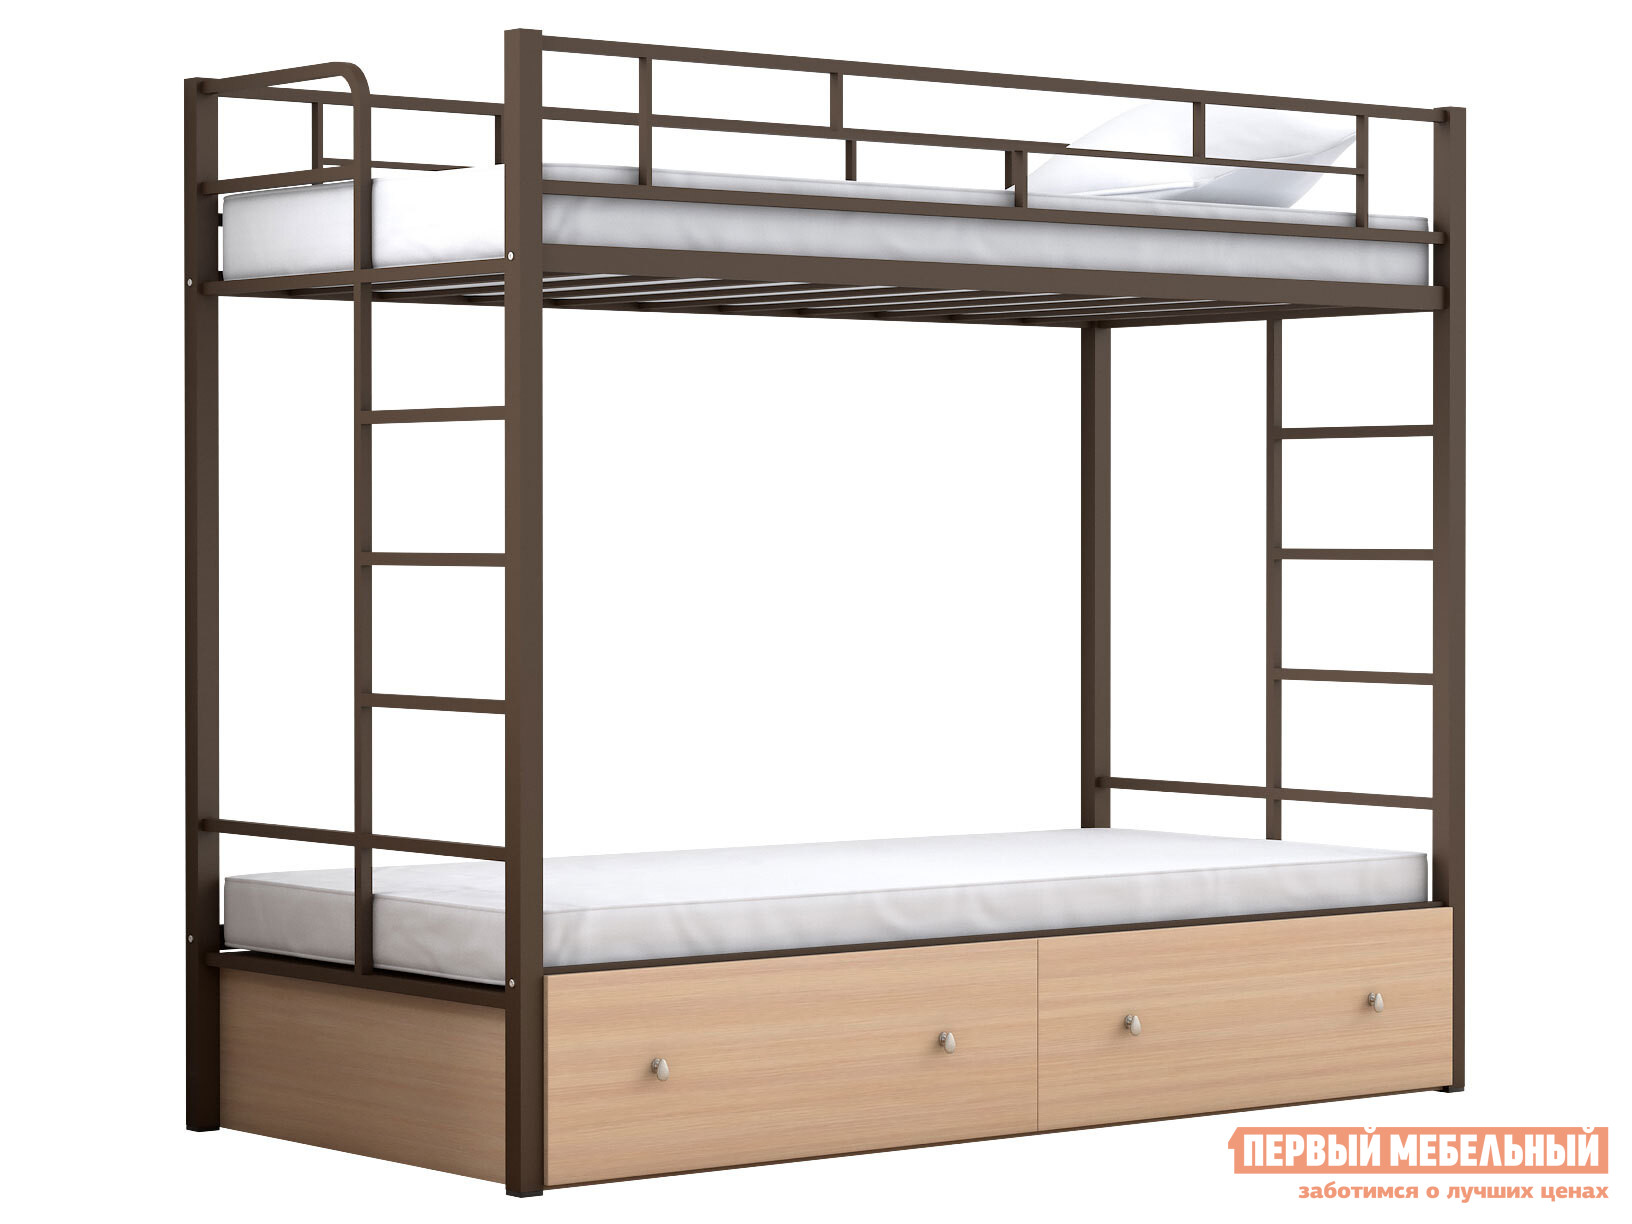 Двухъярусная кровать МФ 4 Сезона Двухъярусная детская кровать Валенсия Твист с ящиками